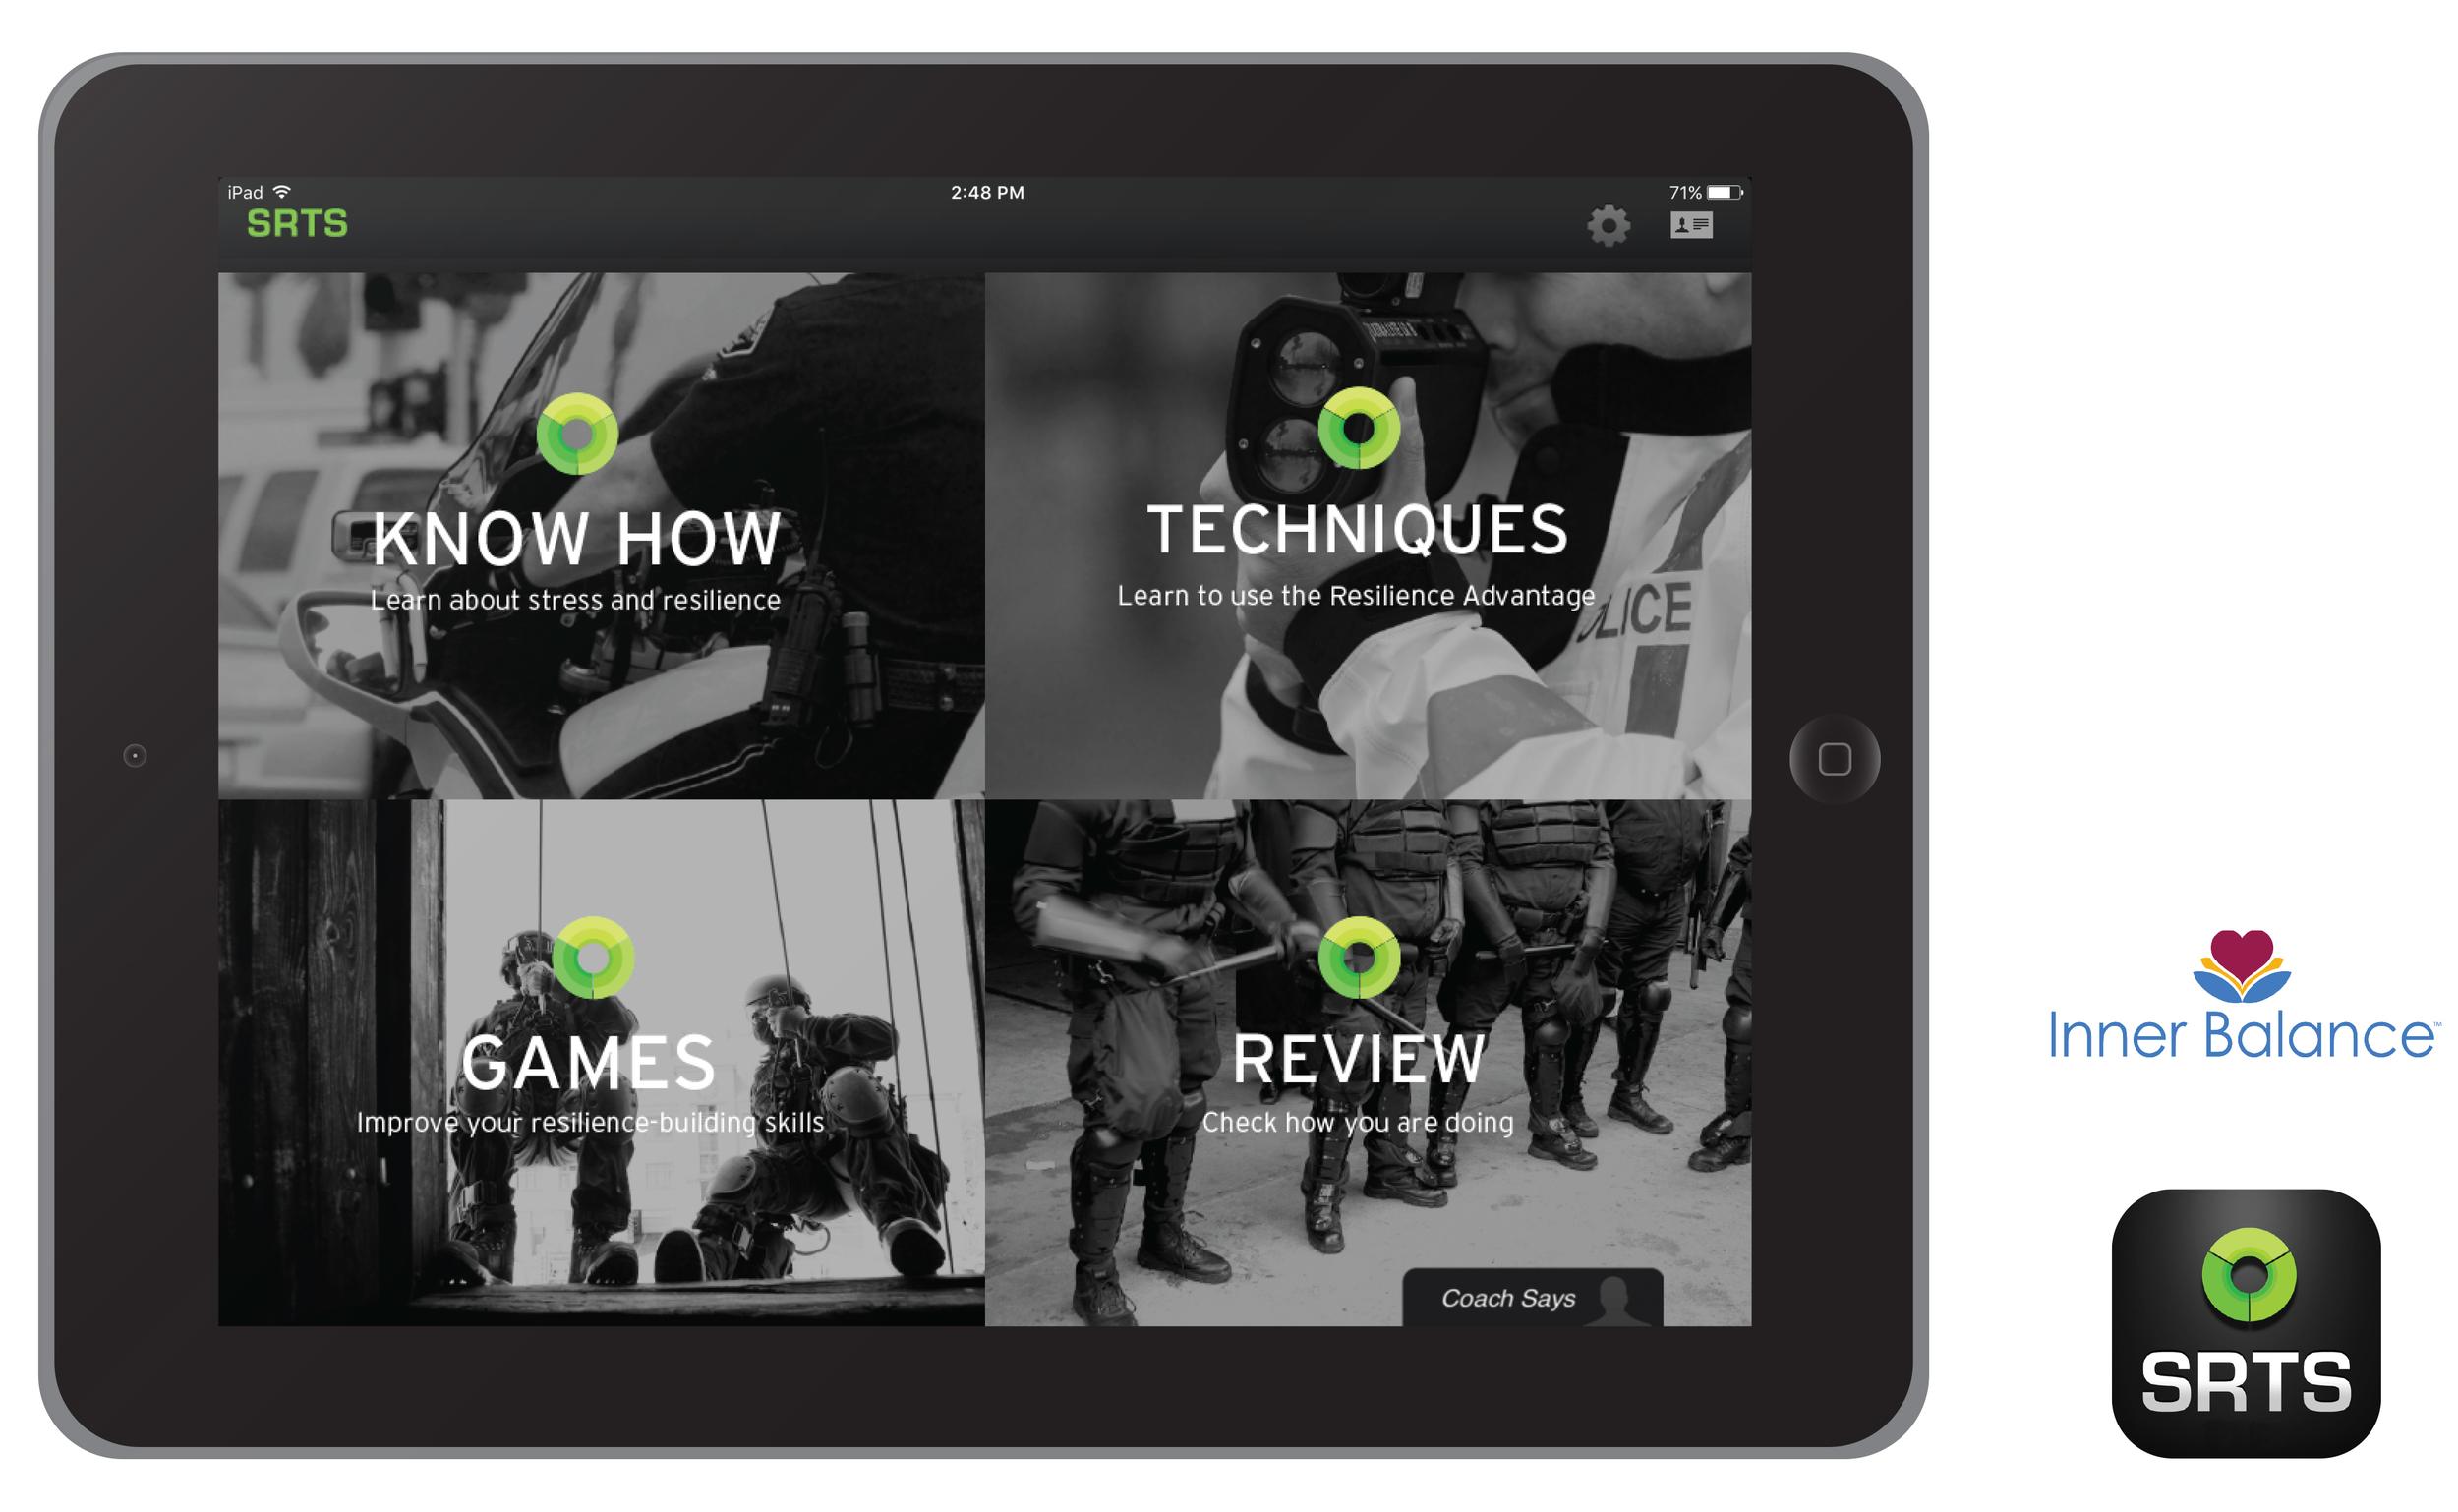 SRTS-app.jpg